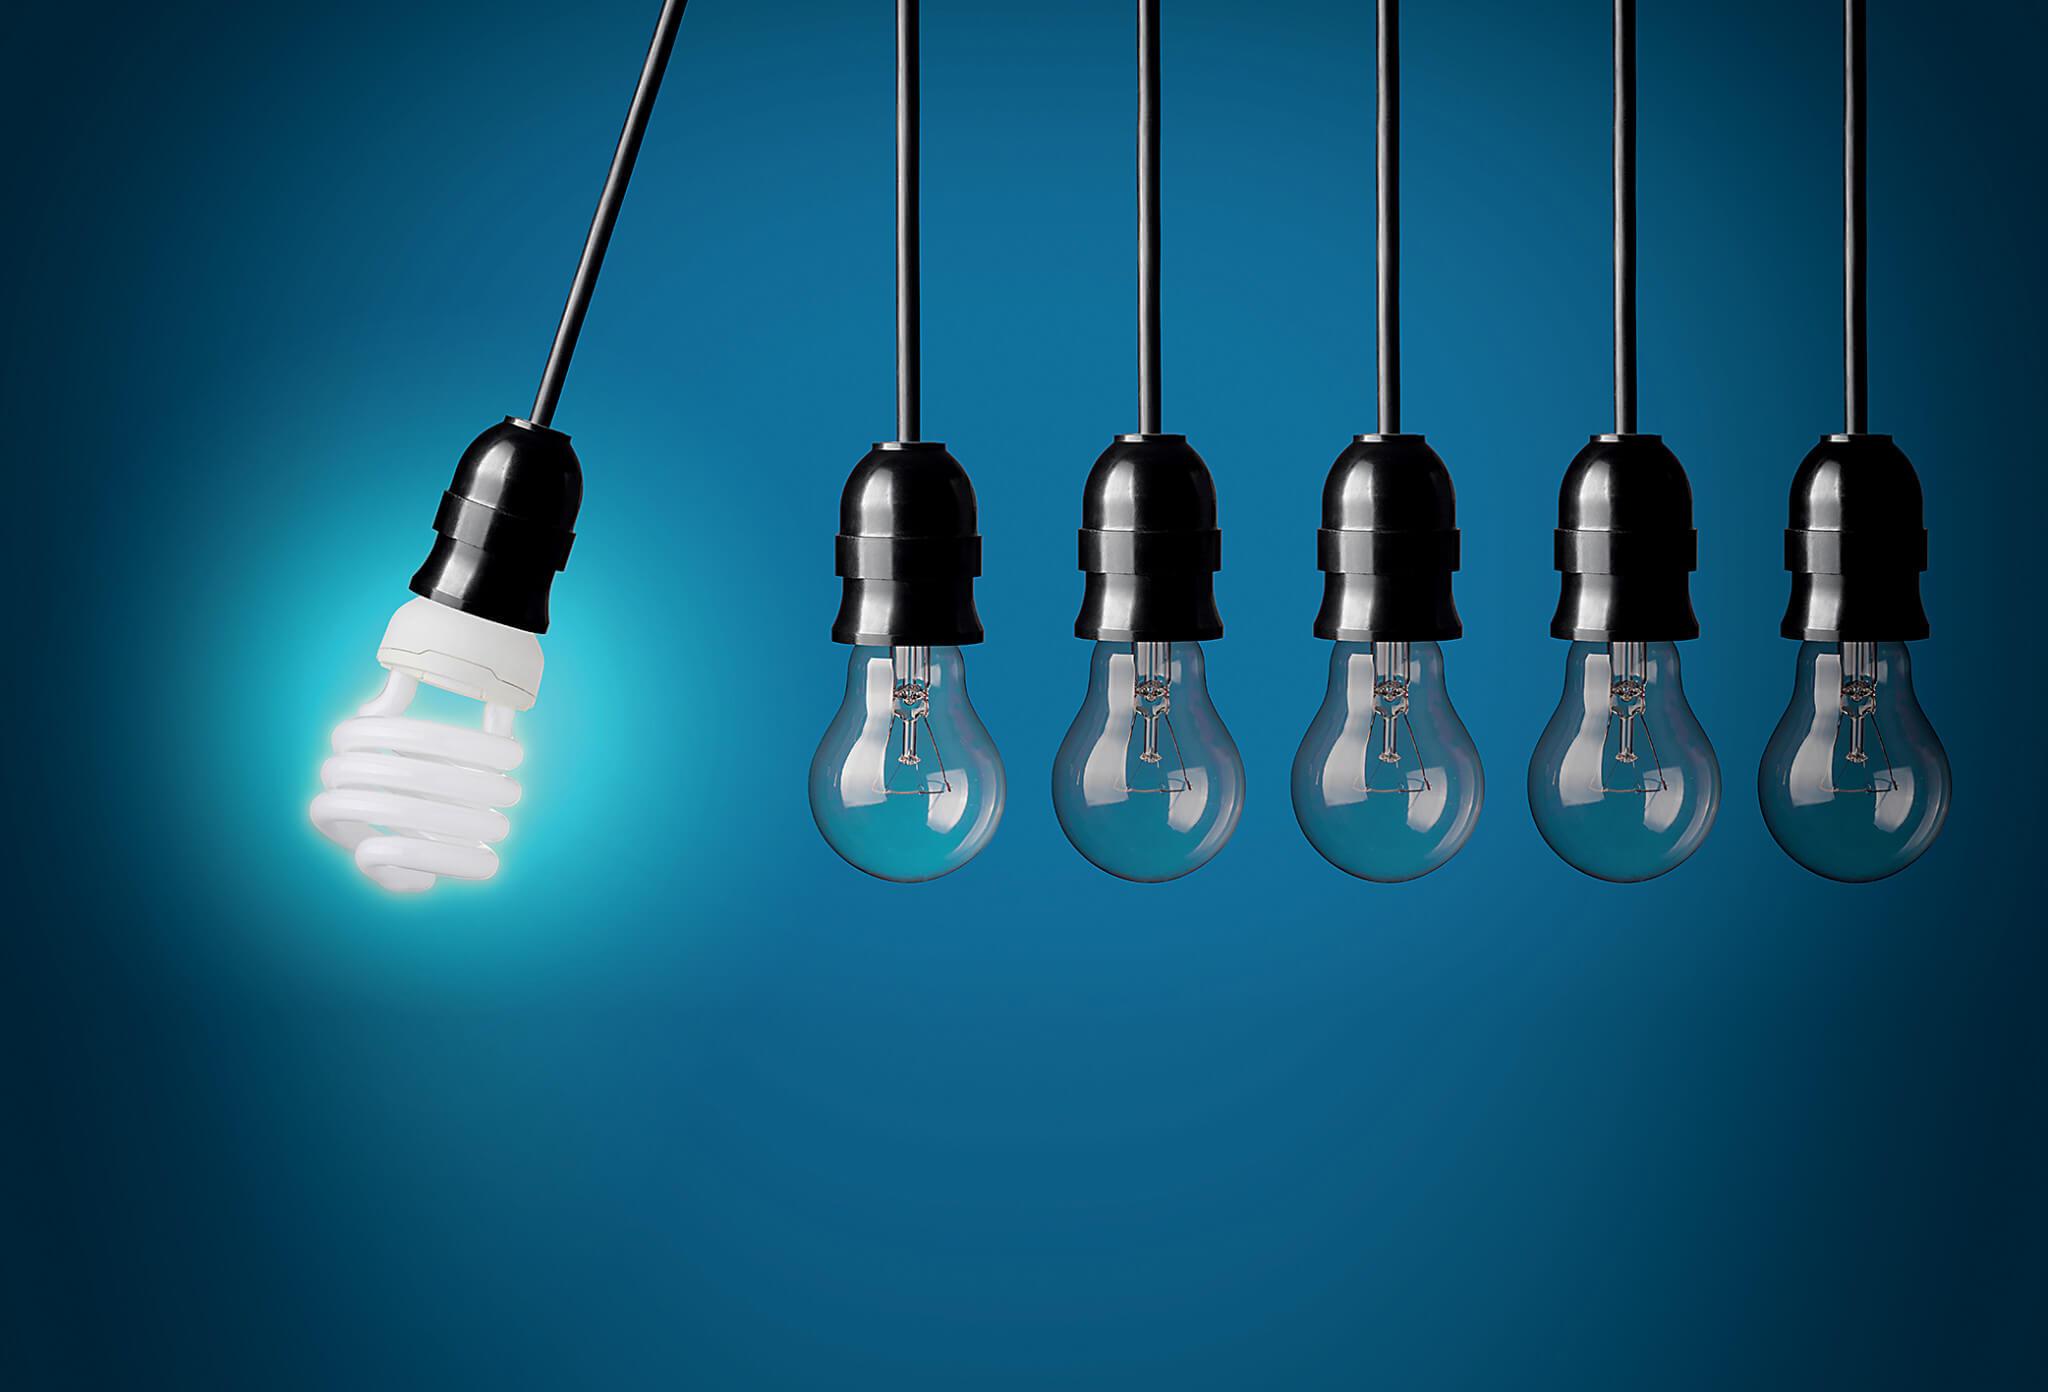 Хто відкрив електрику?